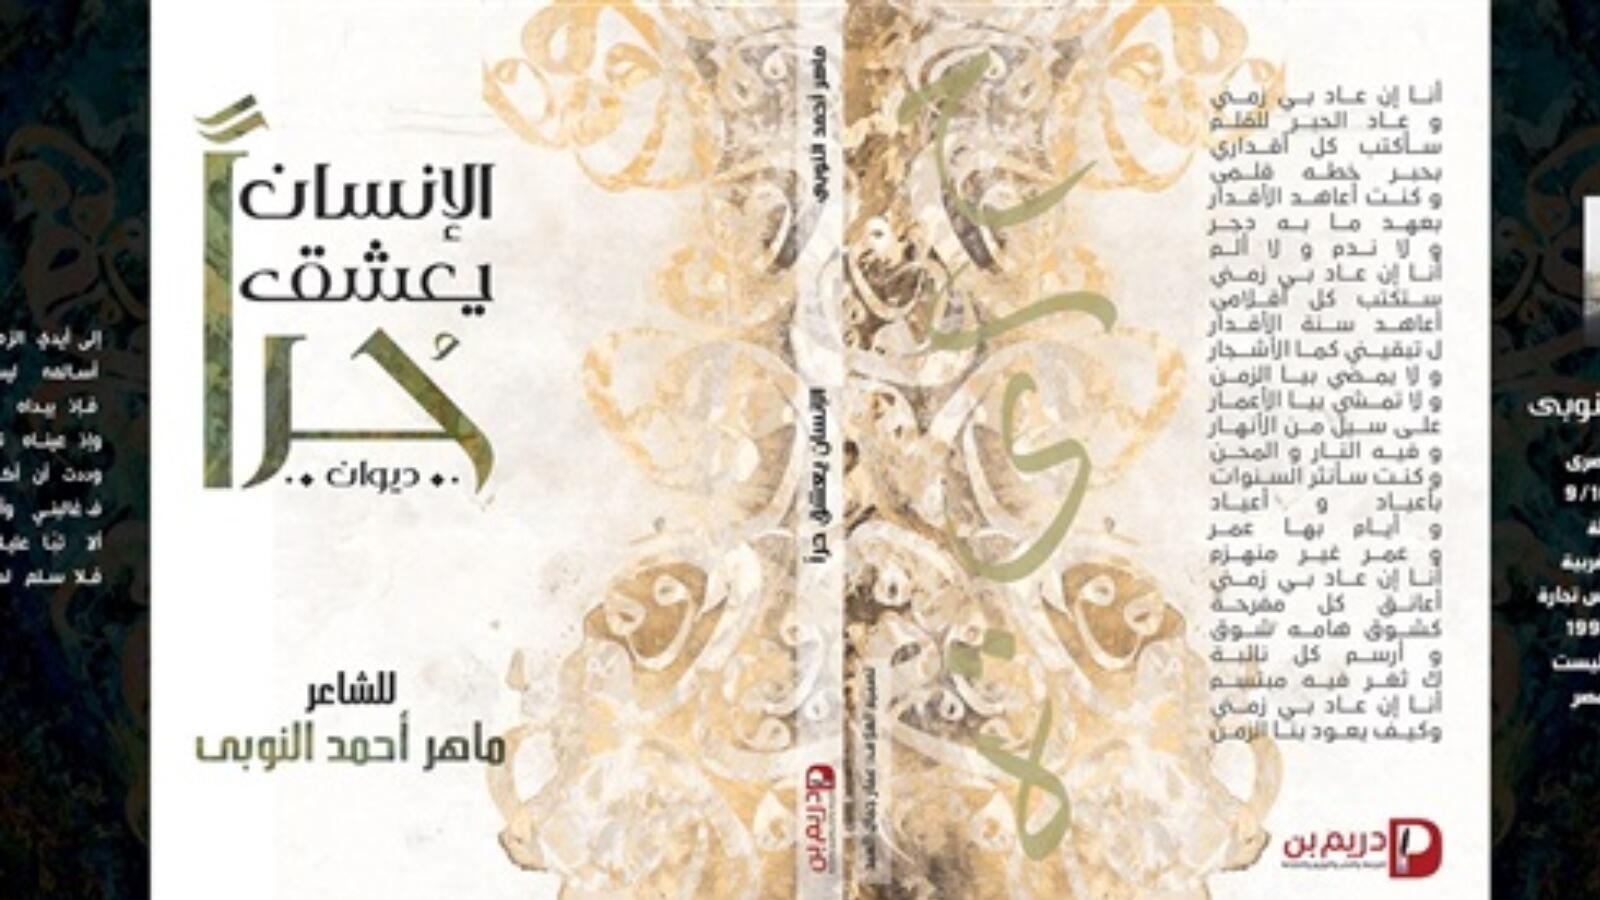 صدور ديوان «الإنسان يعشق حرًا» للشاعر ماهر أحمد النوبي